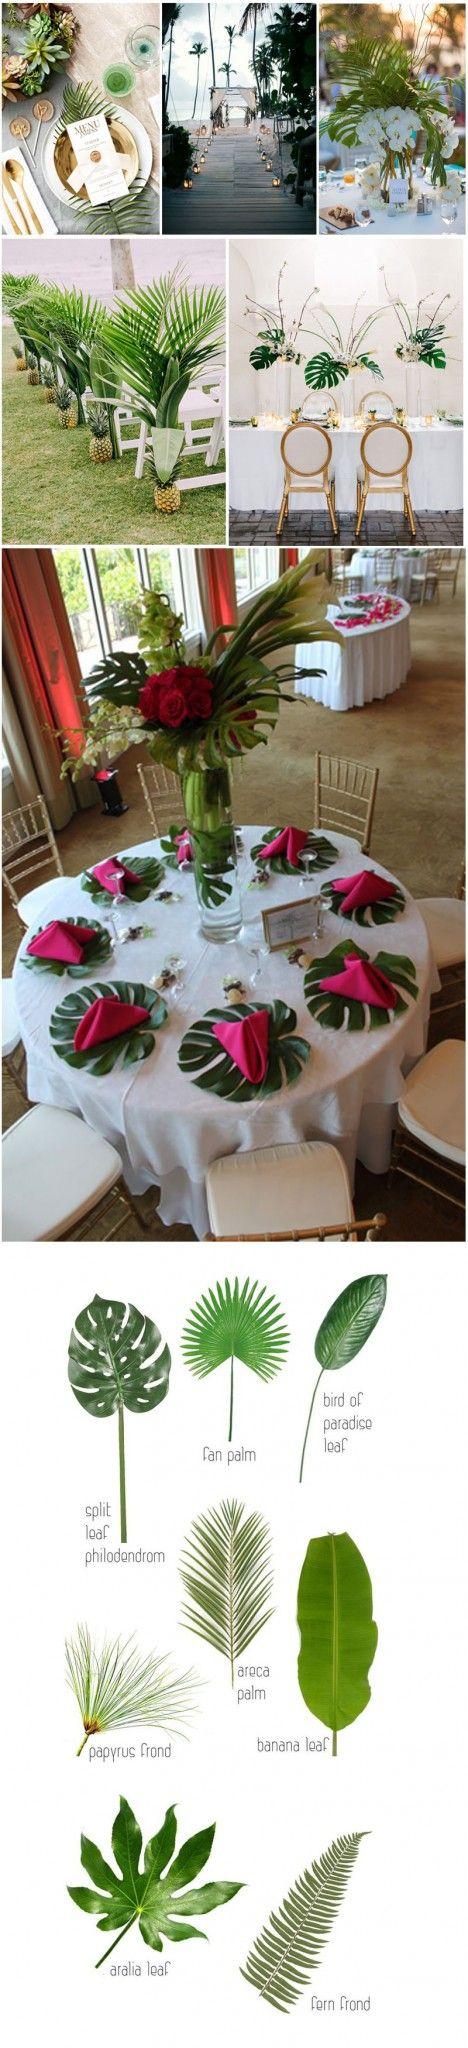 Creative tropical wedding decor ideas